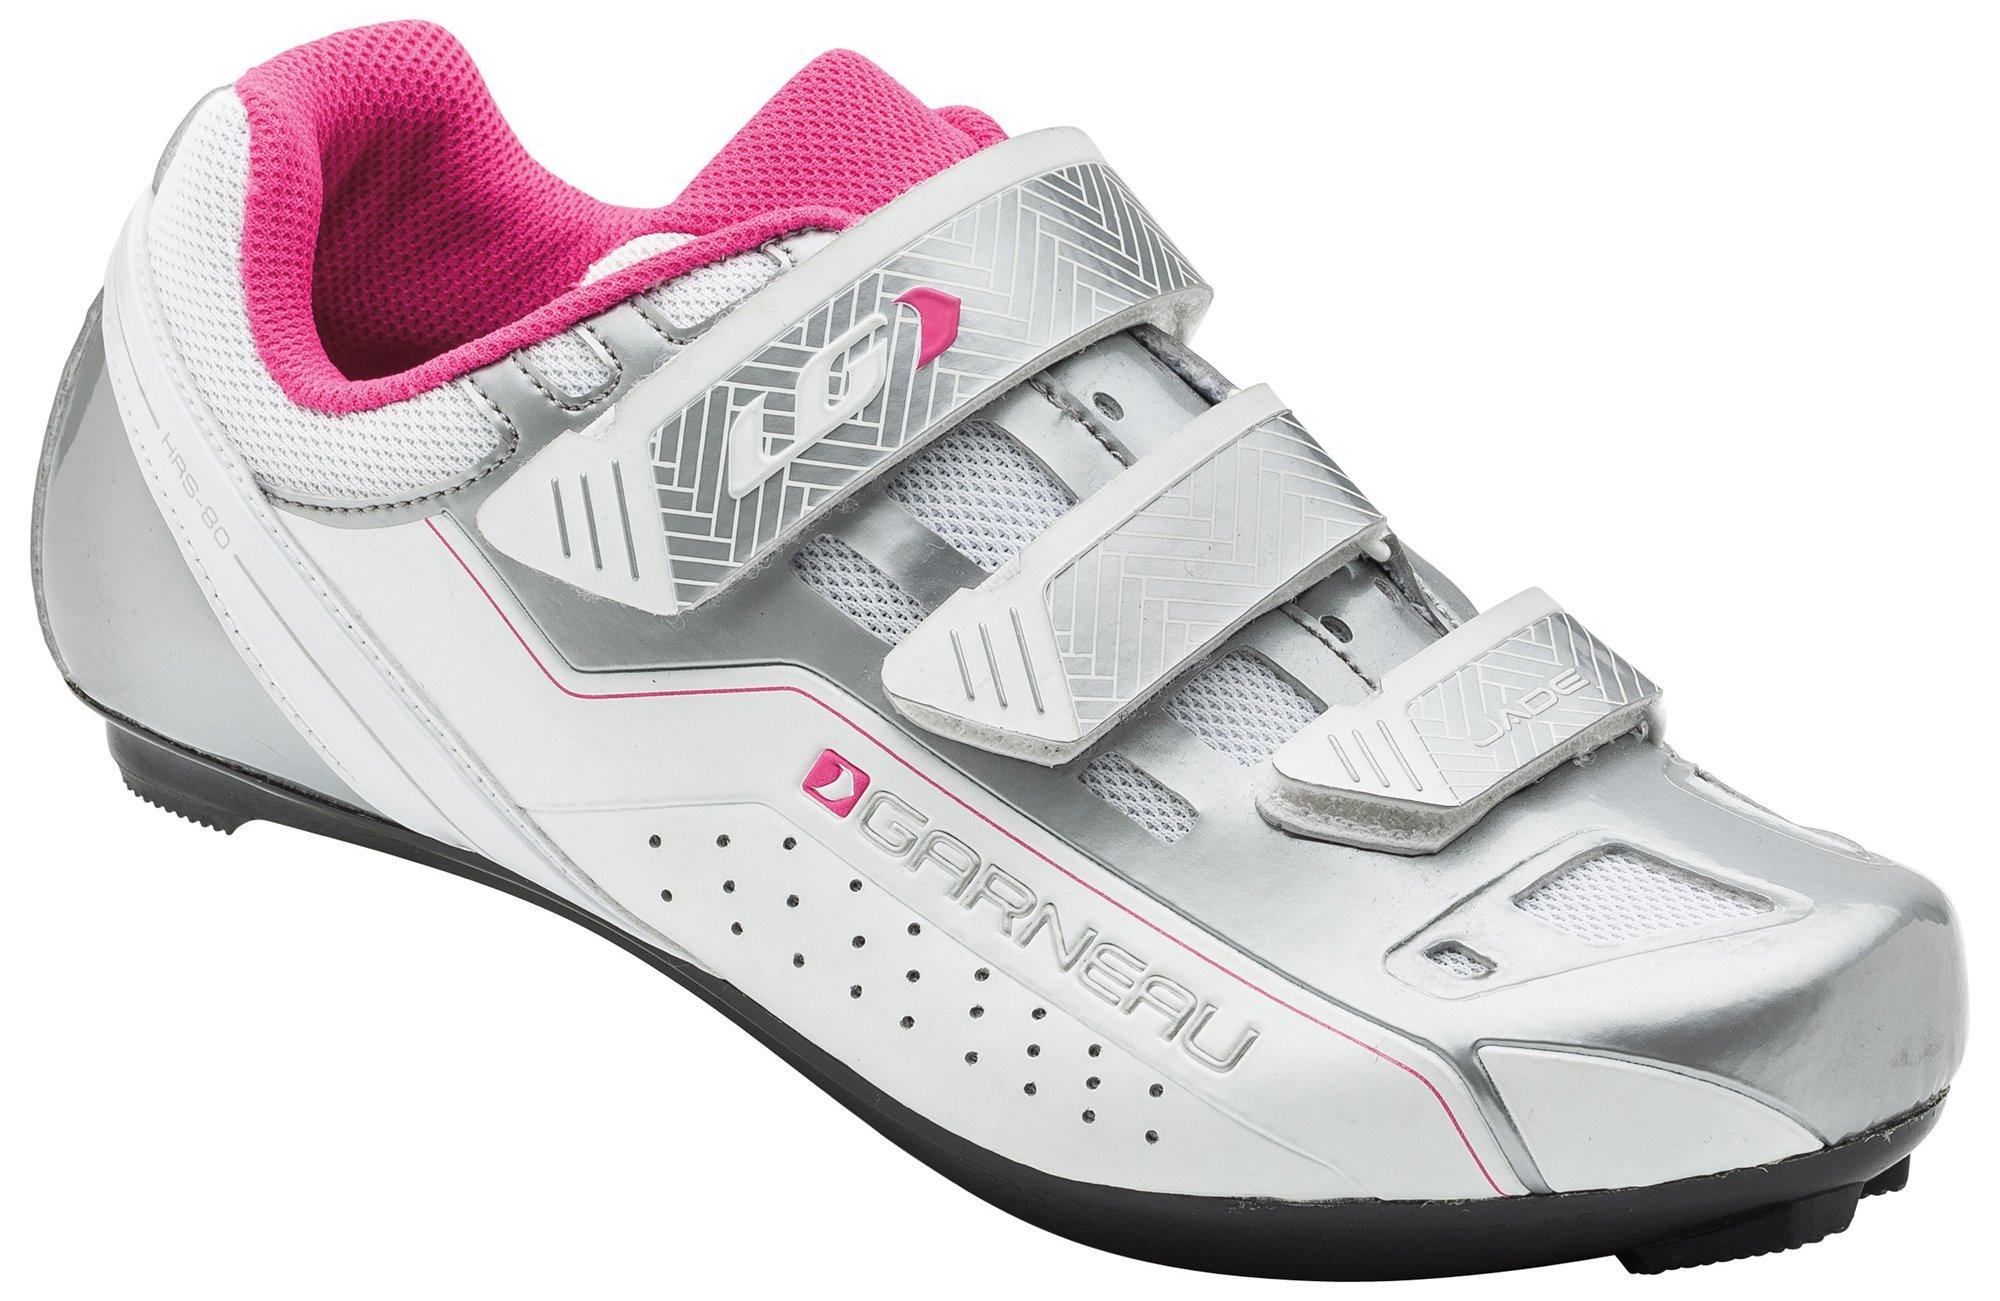 Louis Garneau - Women's Jade Bike Shoes, Drizzle, US (9), EU (40)